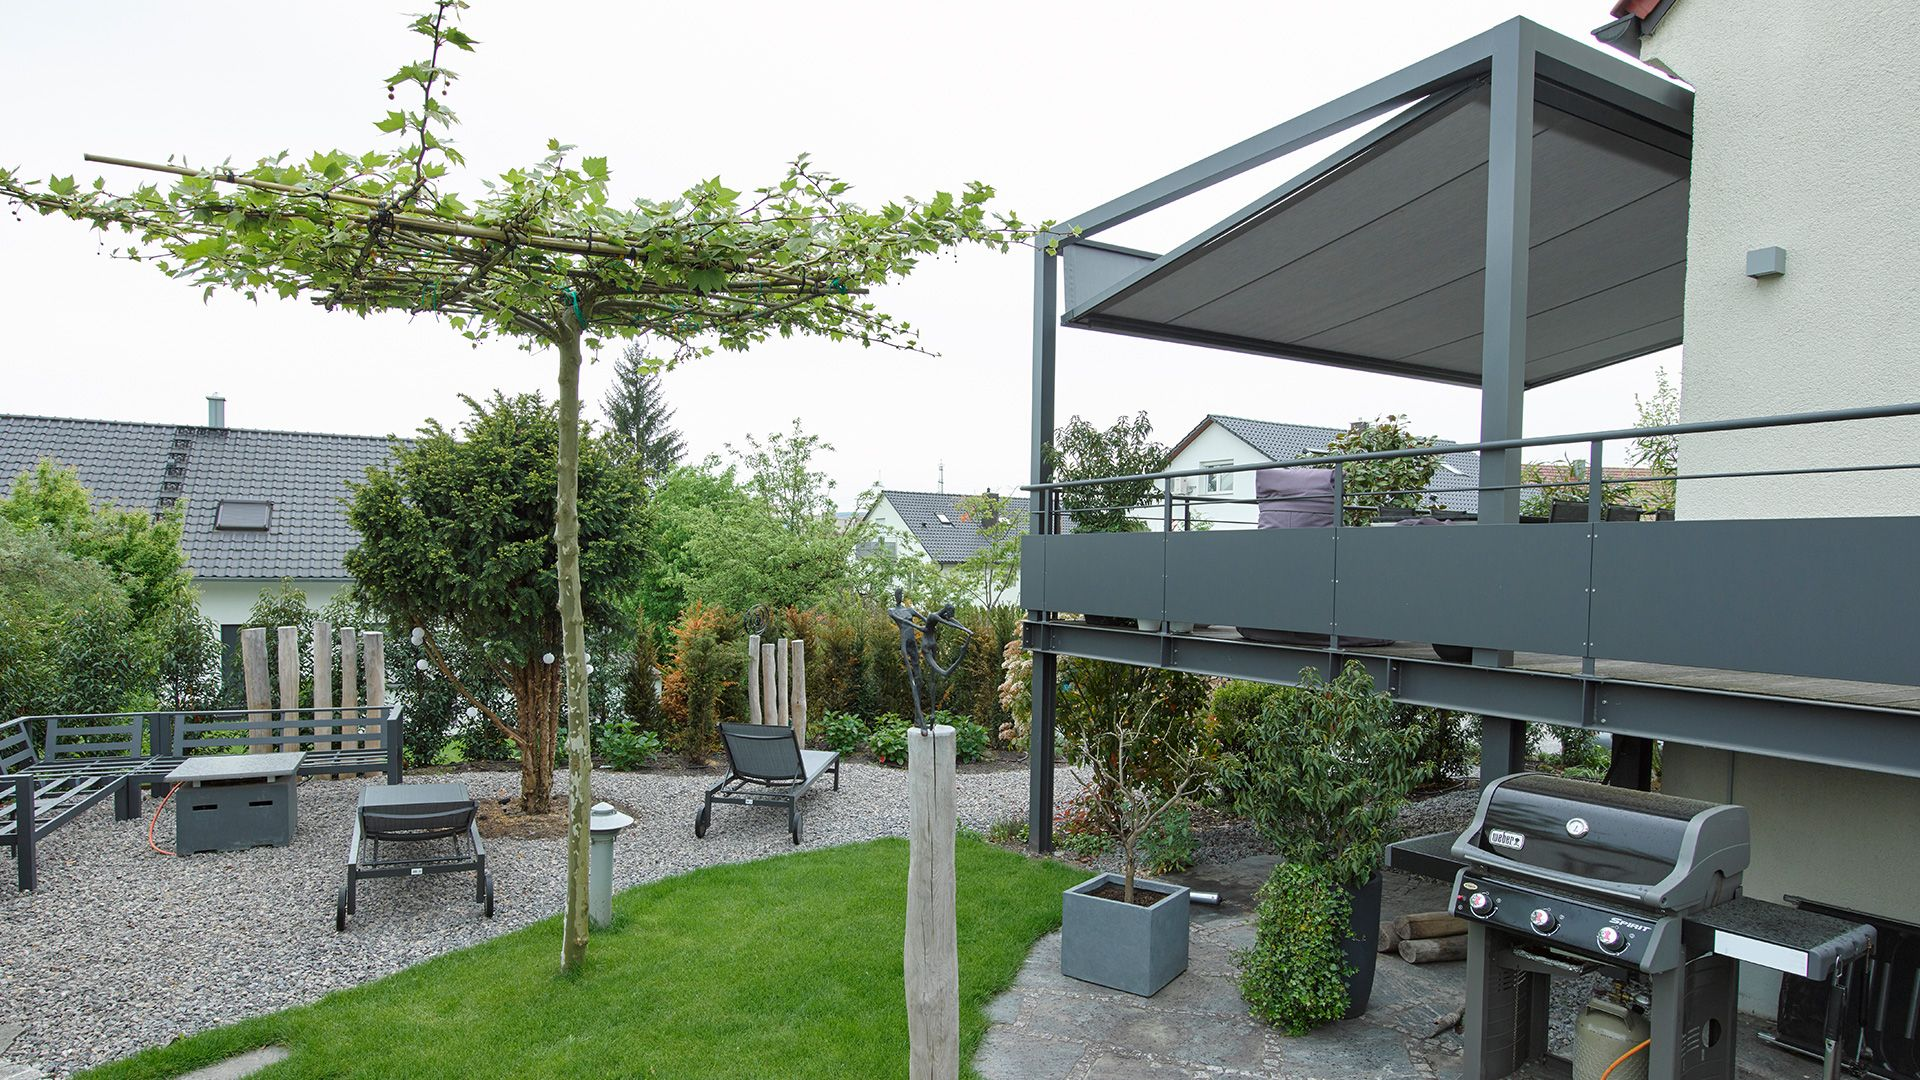 Garten Sonnenschutz eleganter sonnenschutz für freisitz und garten lounge beschattungen